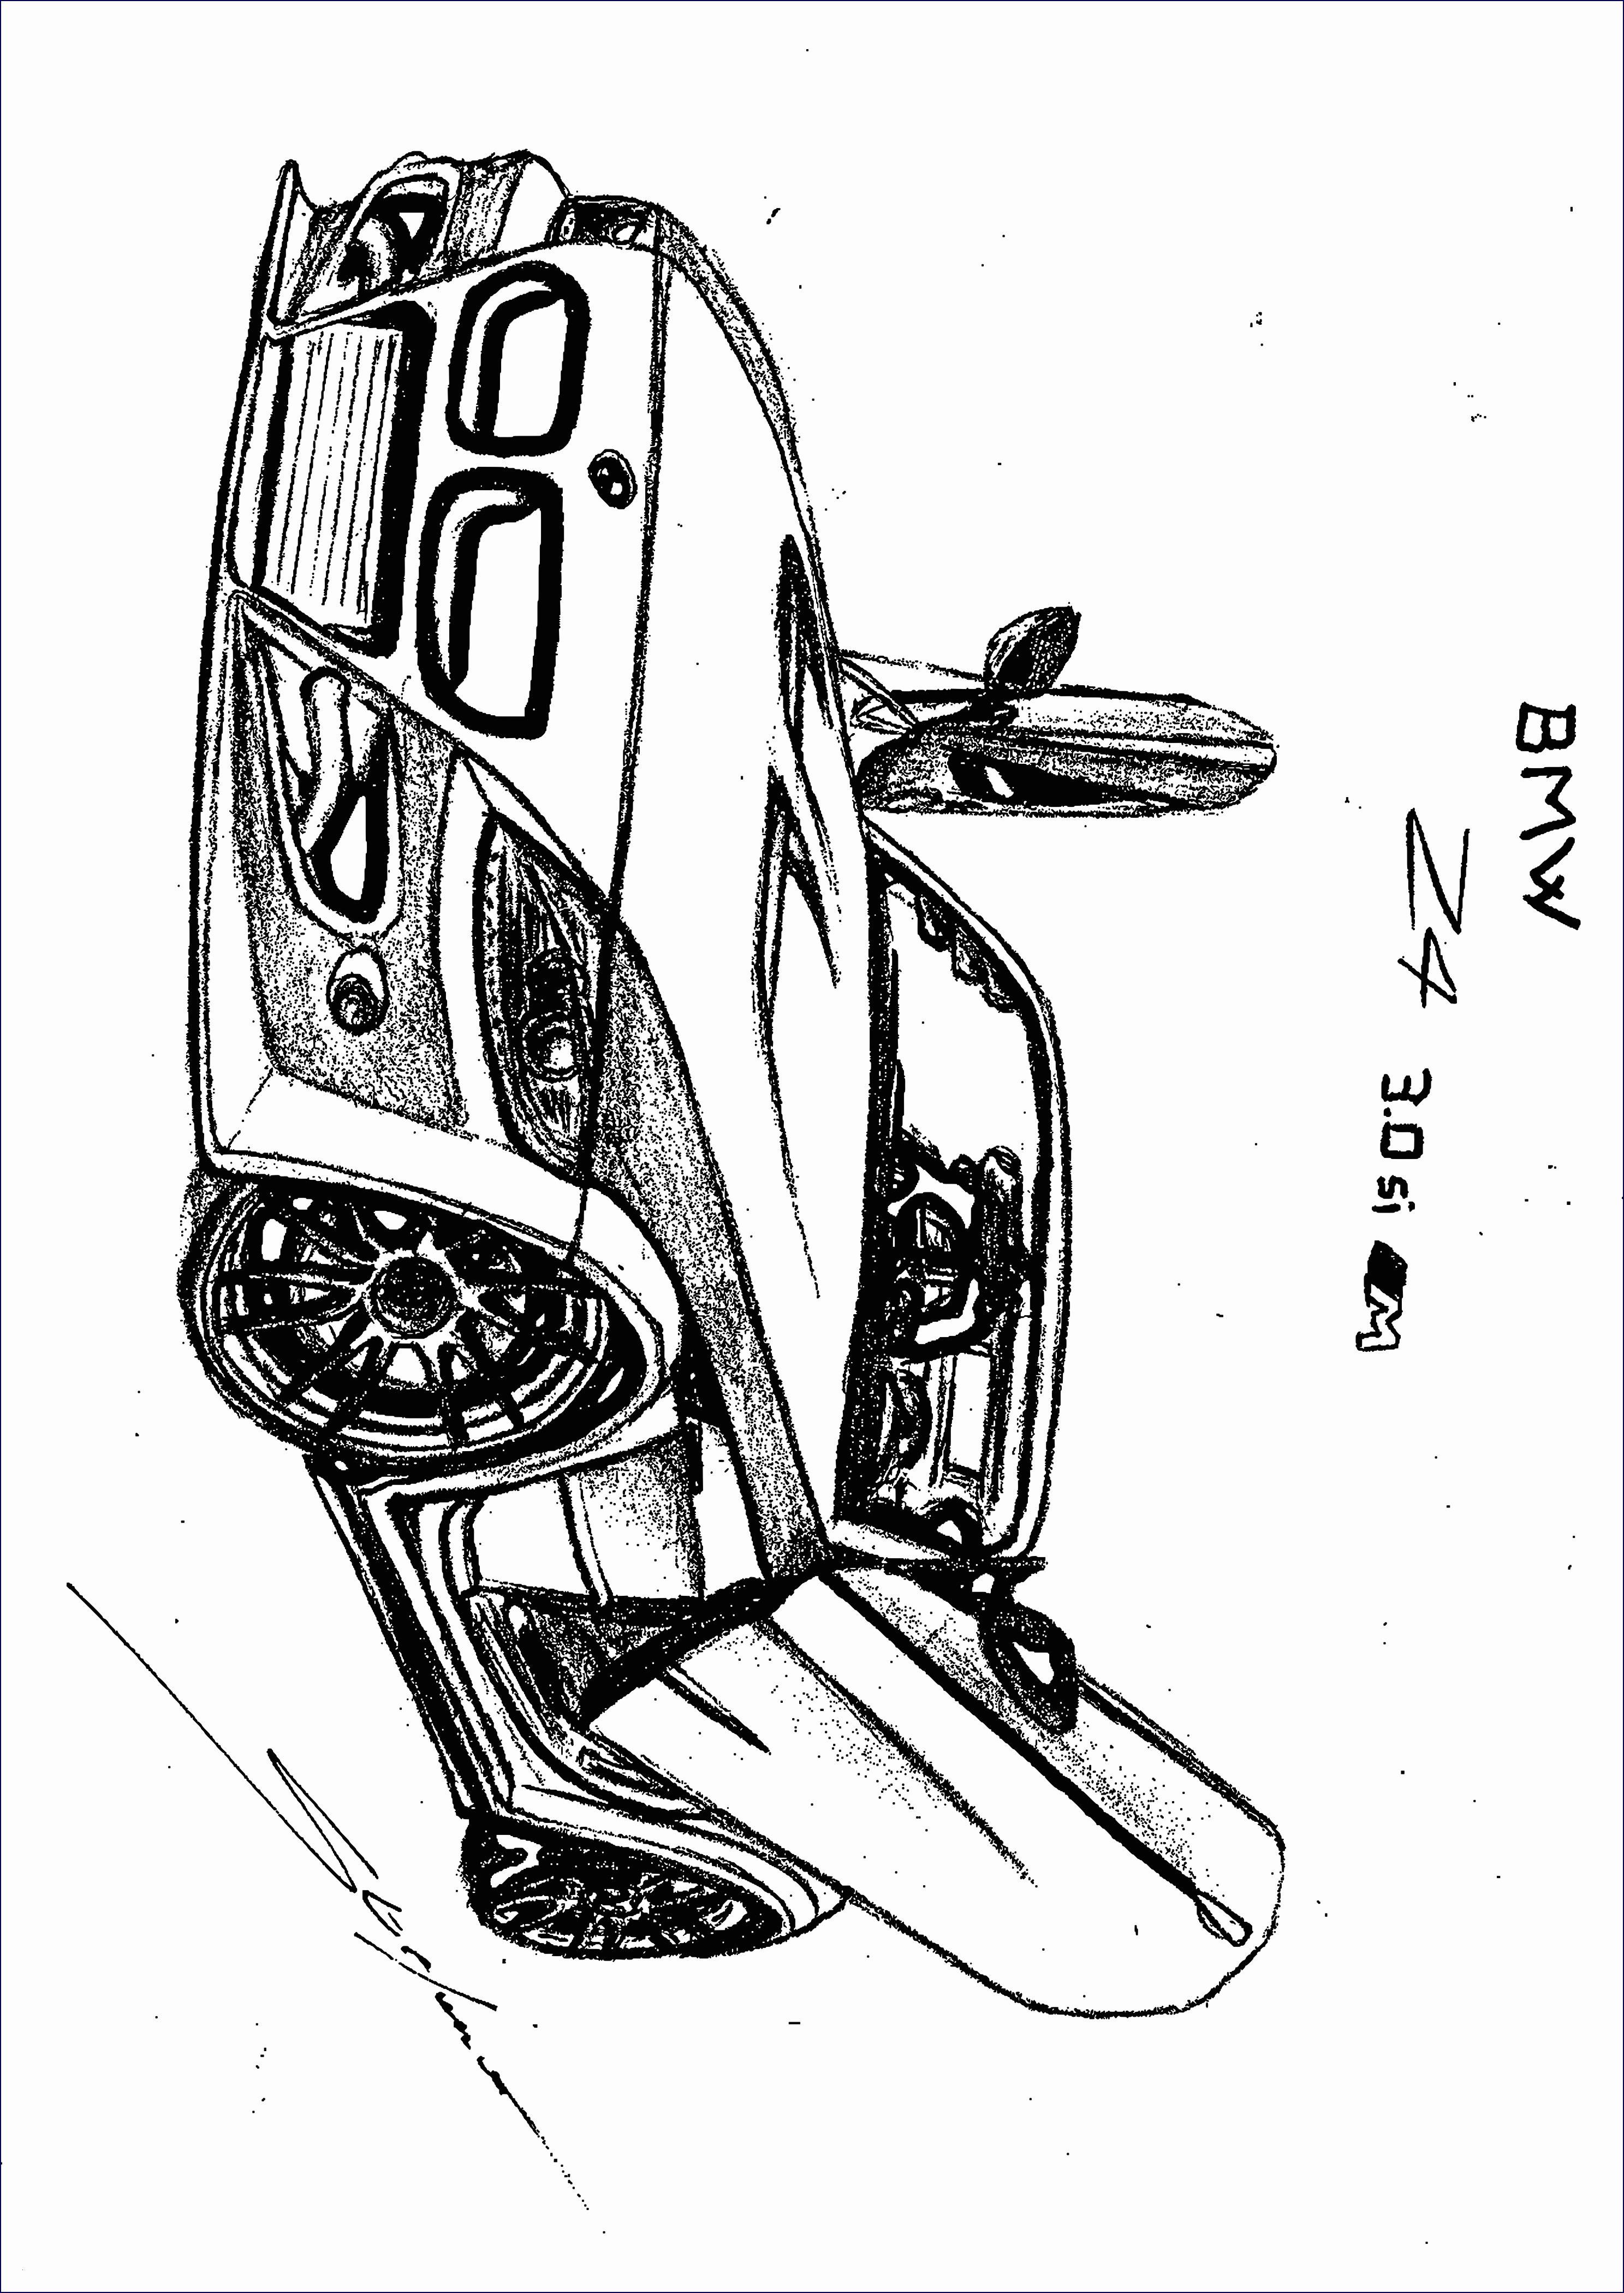 Ausmalbild Lightning Mcqueen Neu ford Mustang Ausmalbilder Luxus 1970 Bugatti Luxury Bmw X5 3 0d 2003 Fotografieren